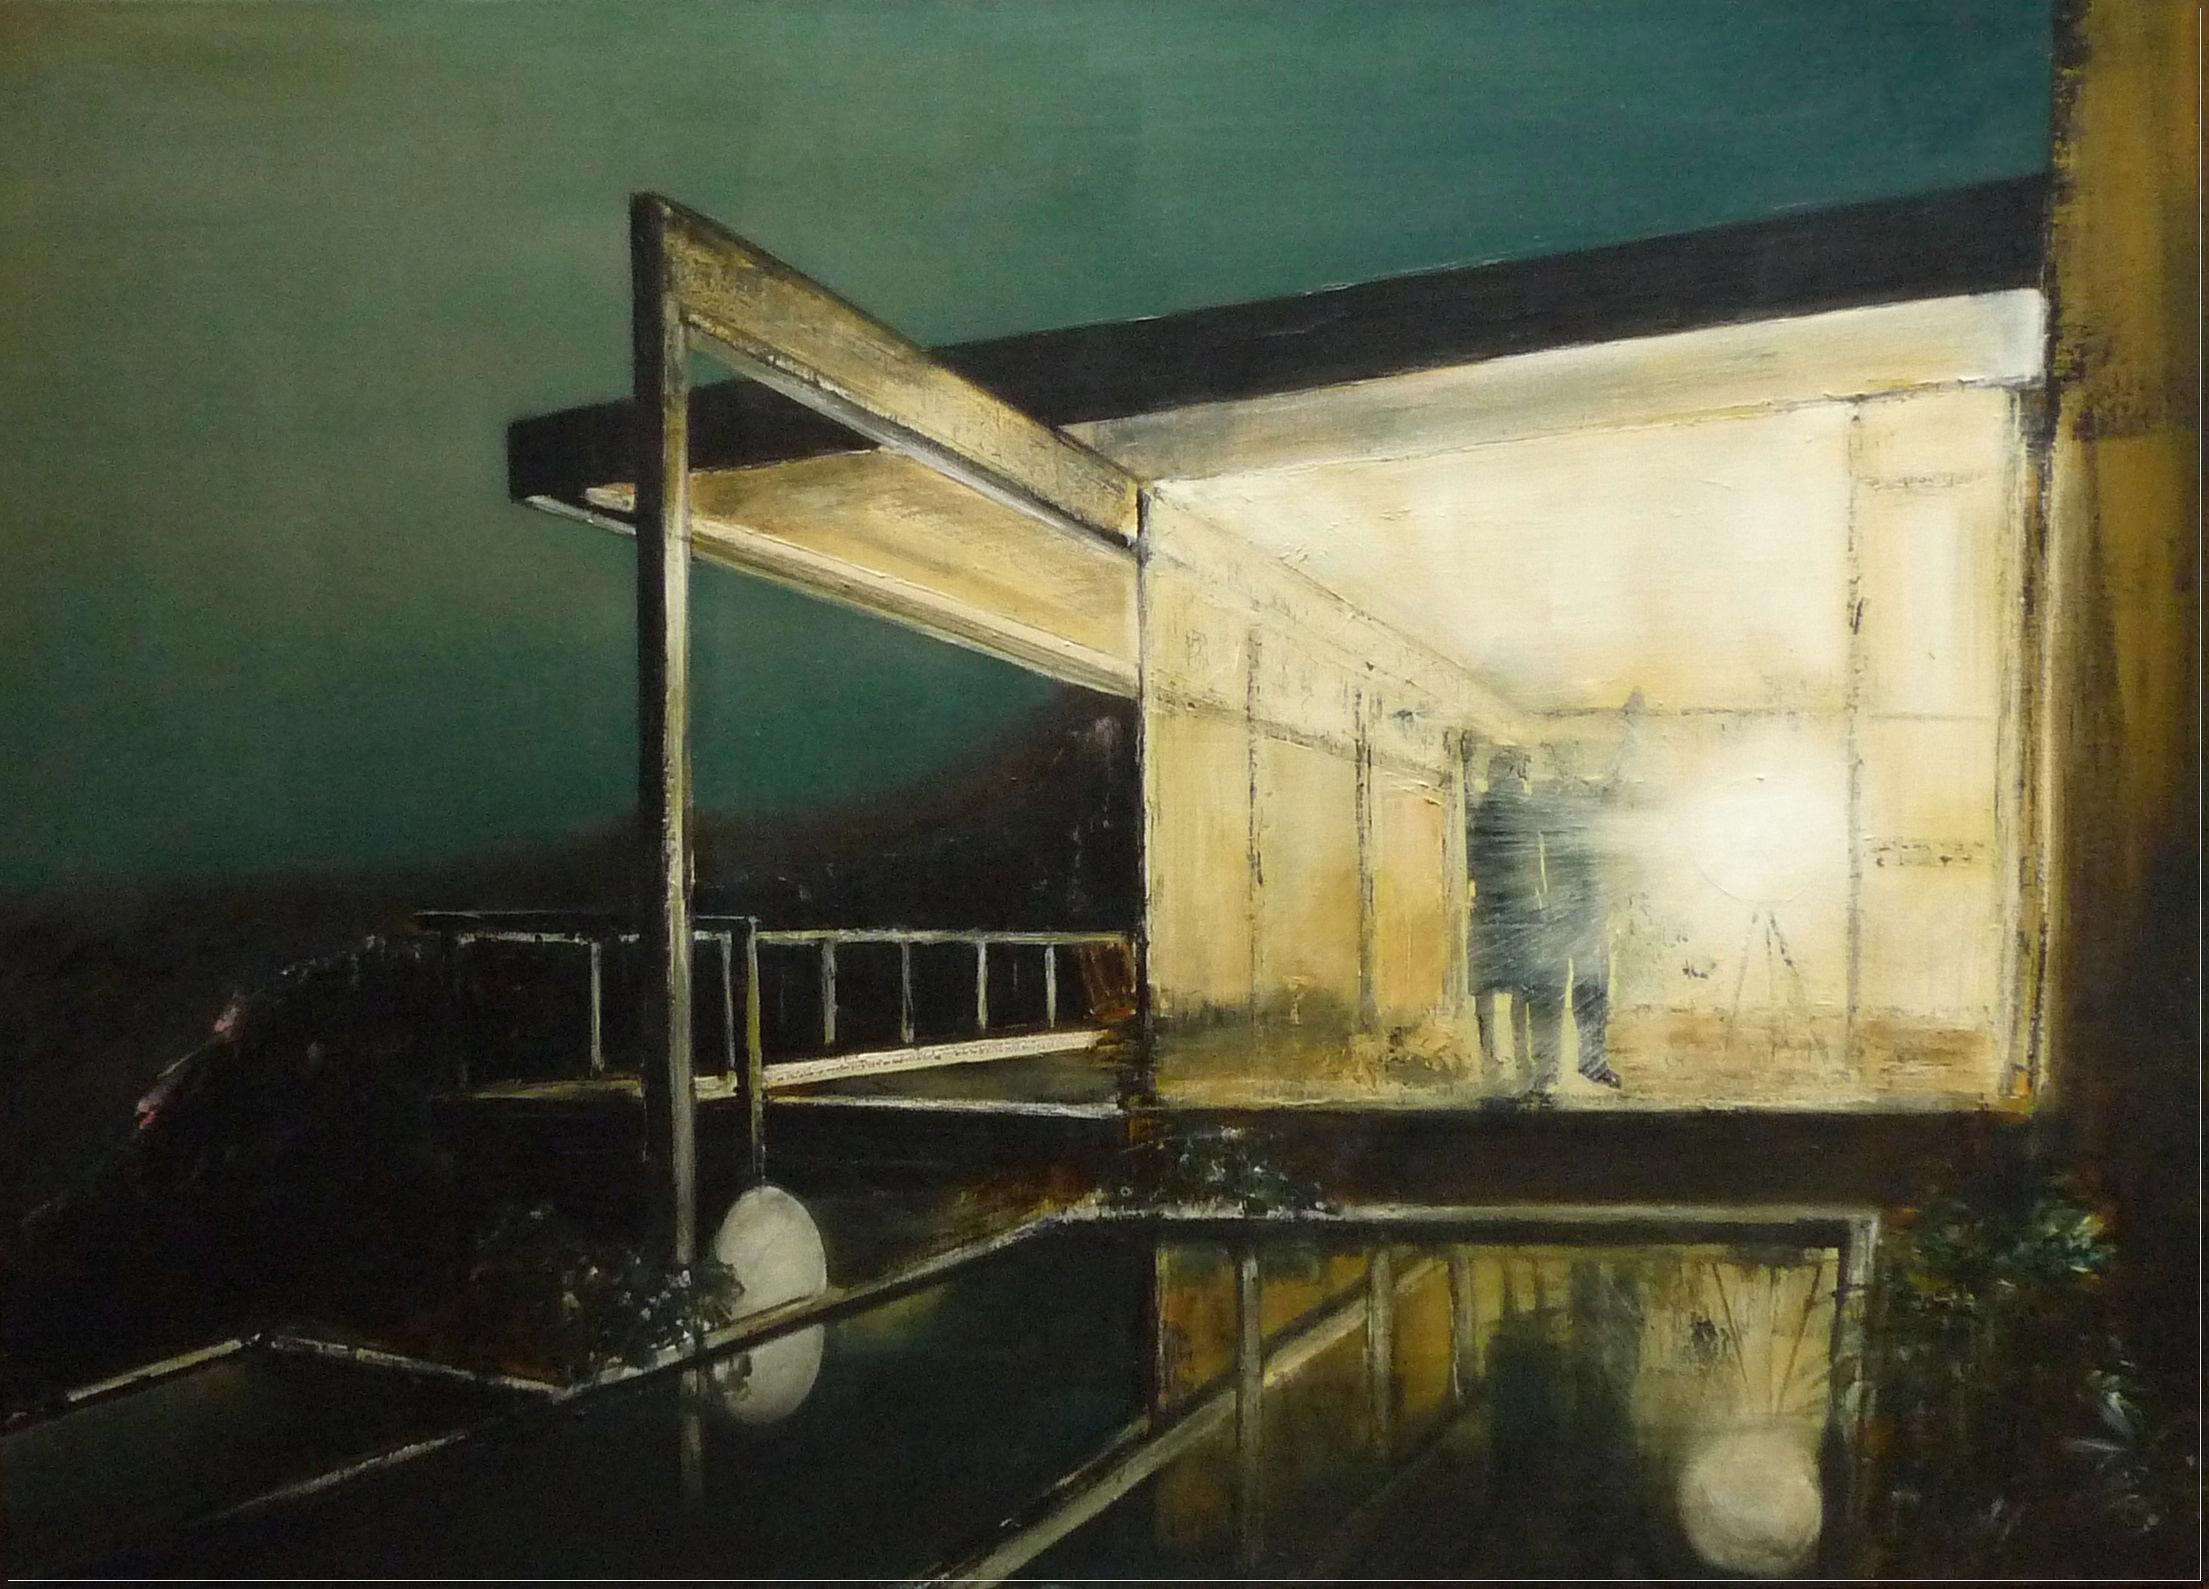 Jarik Jongman, Hello Goodbye (8), Oil on canvas, 100 x 140 x 5 cm.,  http://www.jarikjongman.nl